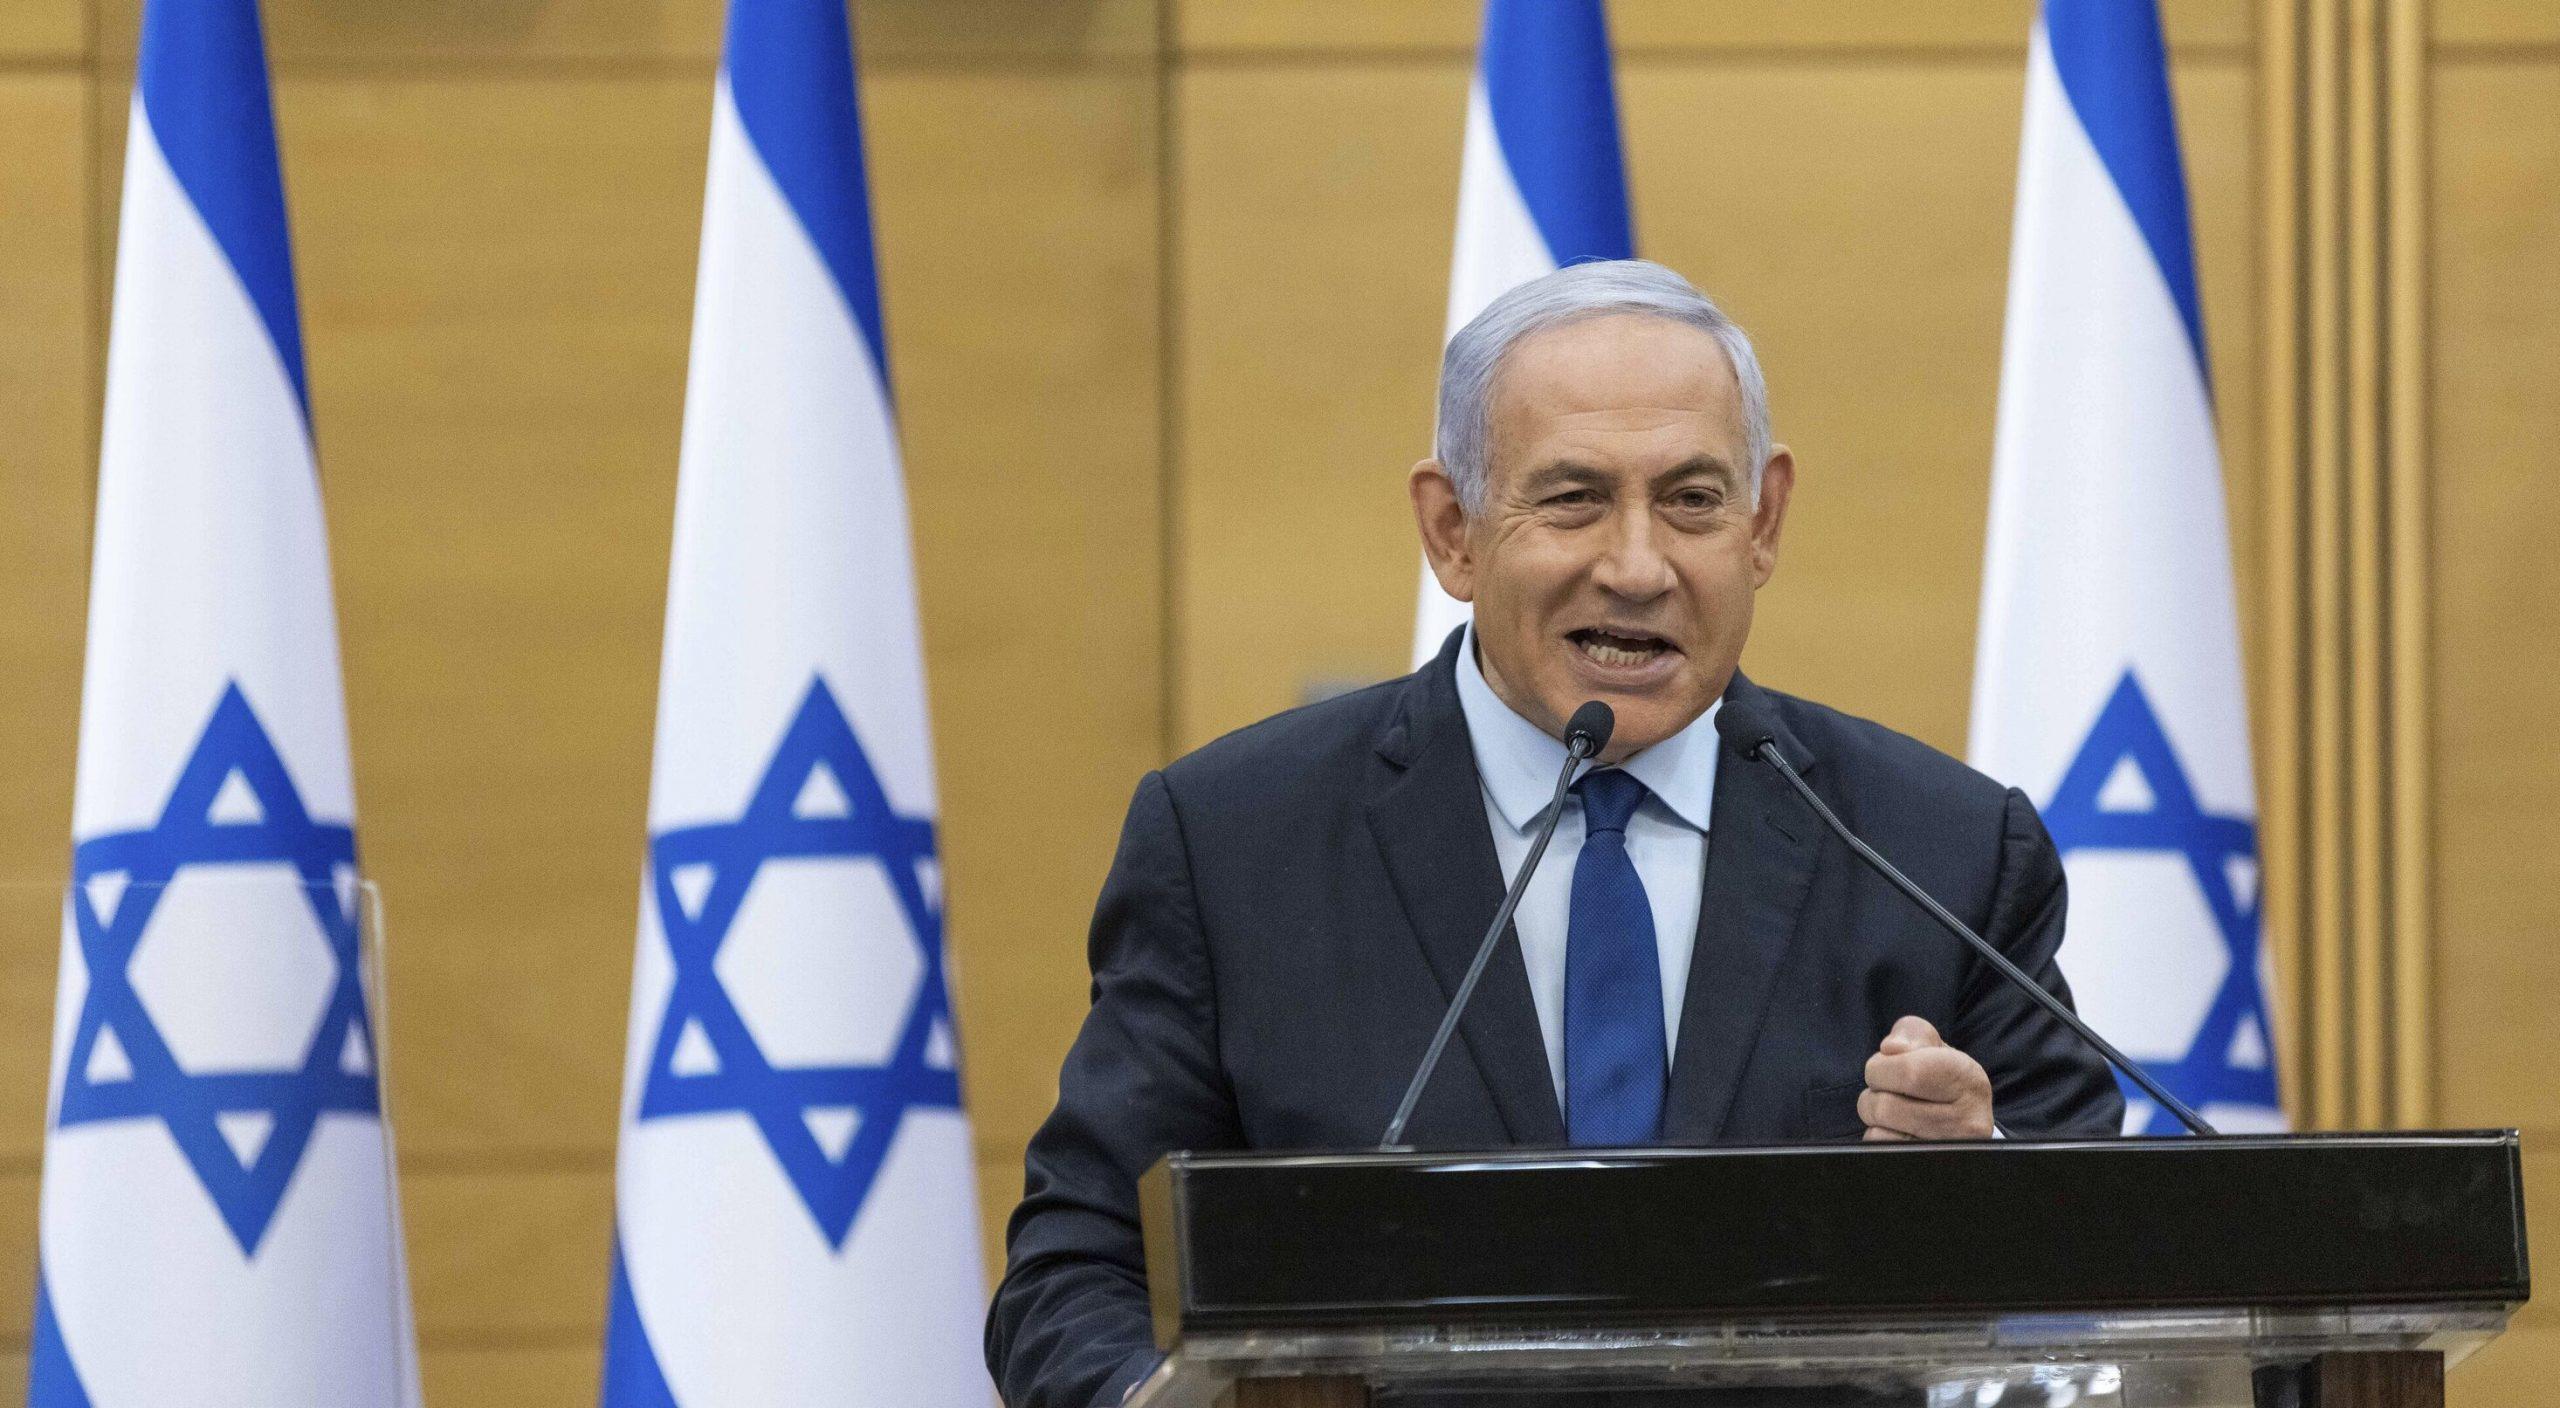 Un fost oficial israelian, martor în dosarul de corupție al lui Benjamin Netanyahu, moare într-un accident aviatic. Grecia investighează incidentul